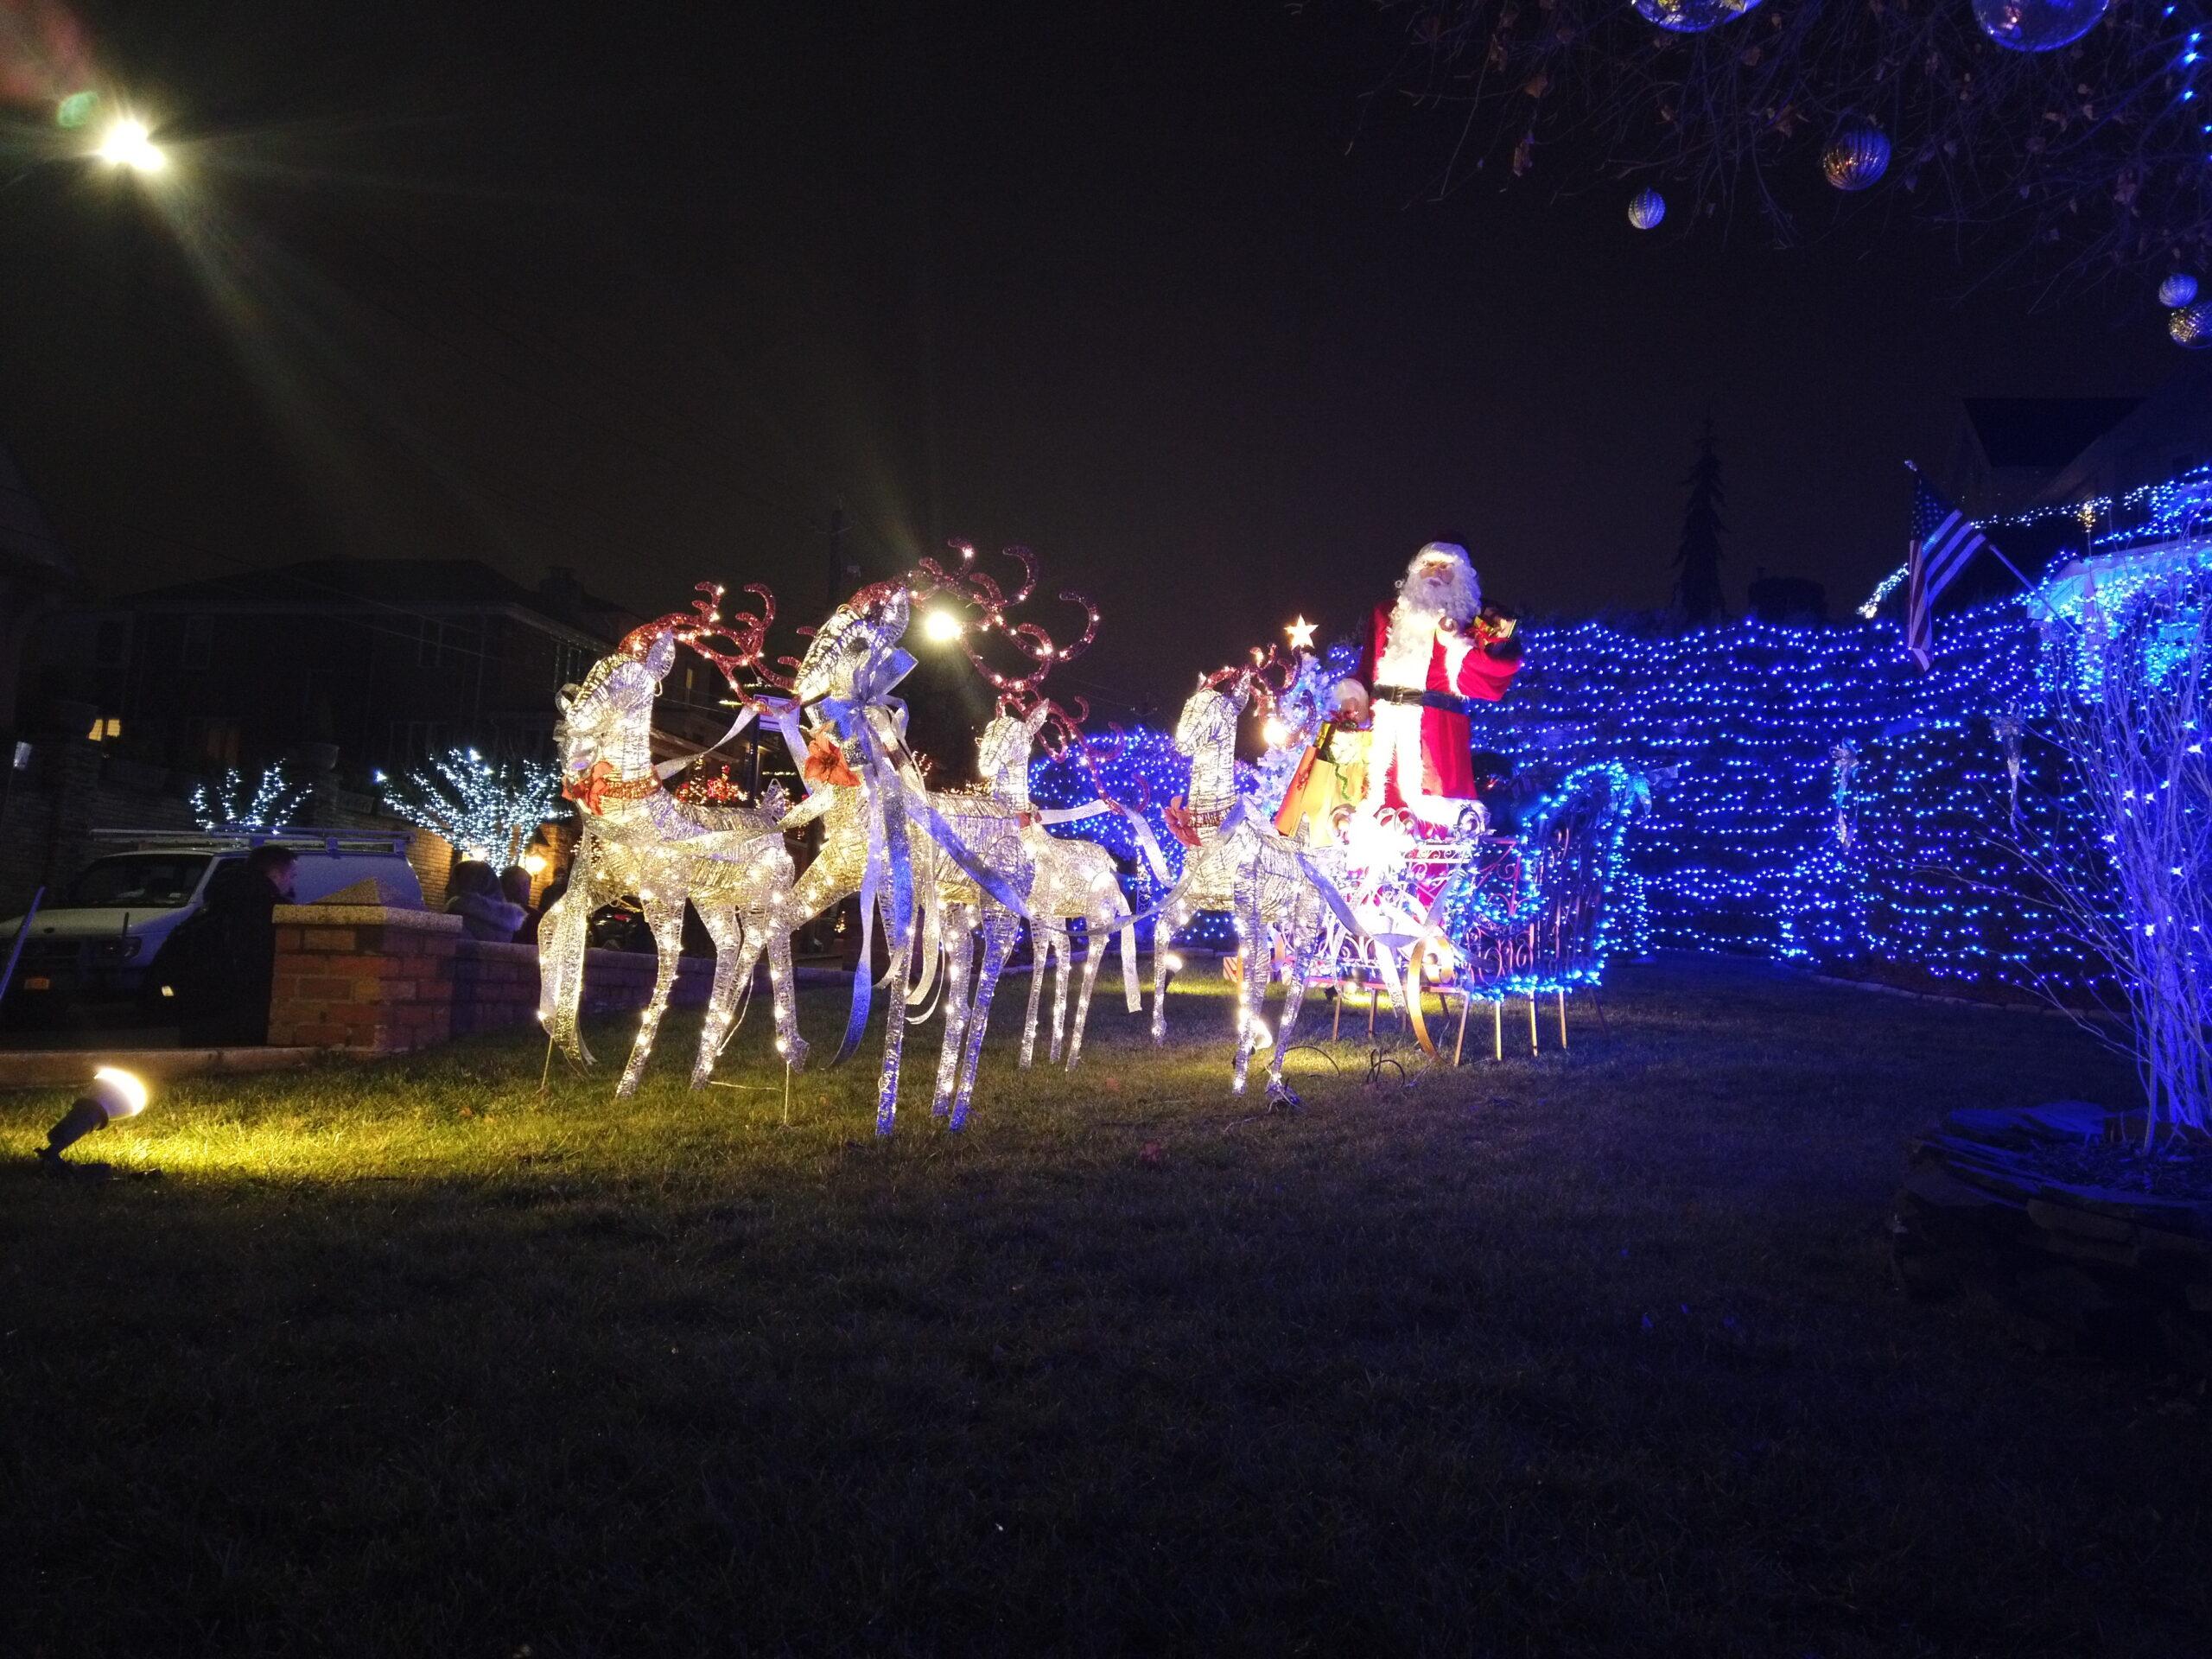 Dyker Heights, el barrio con más luces navideñas del mundo